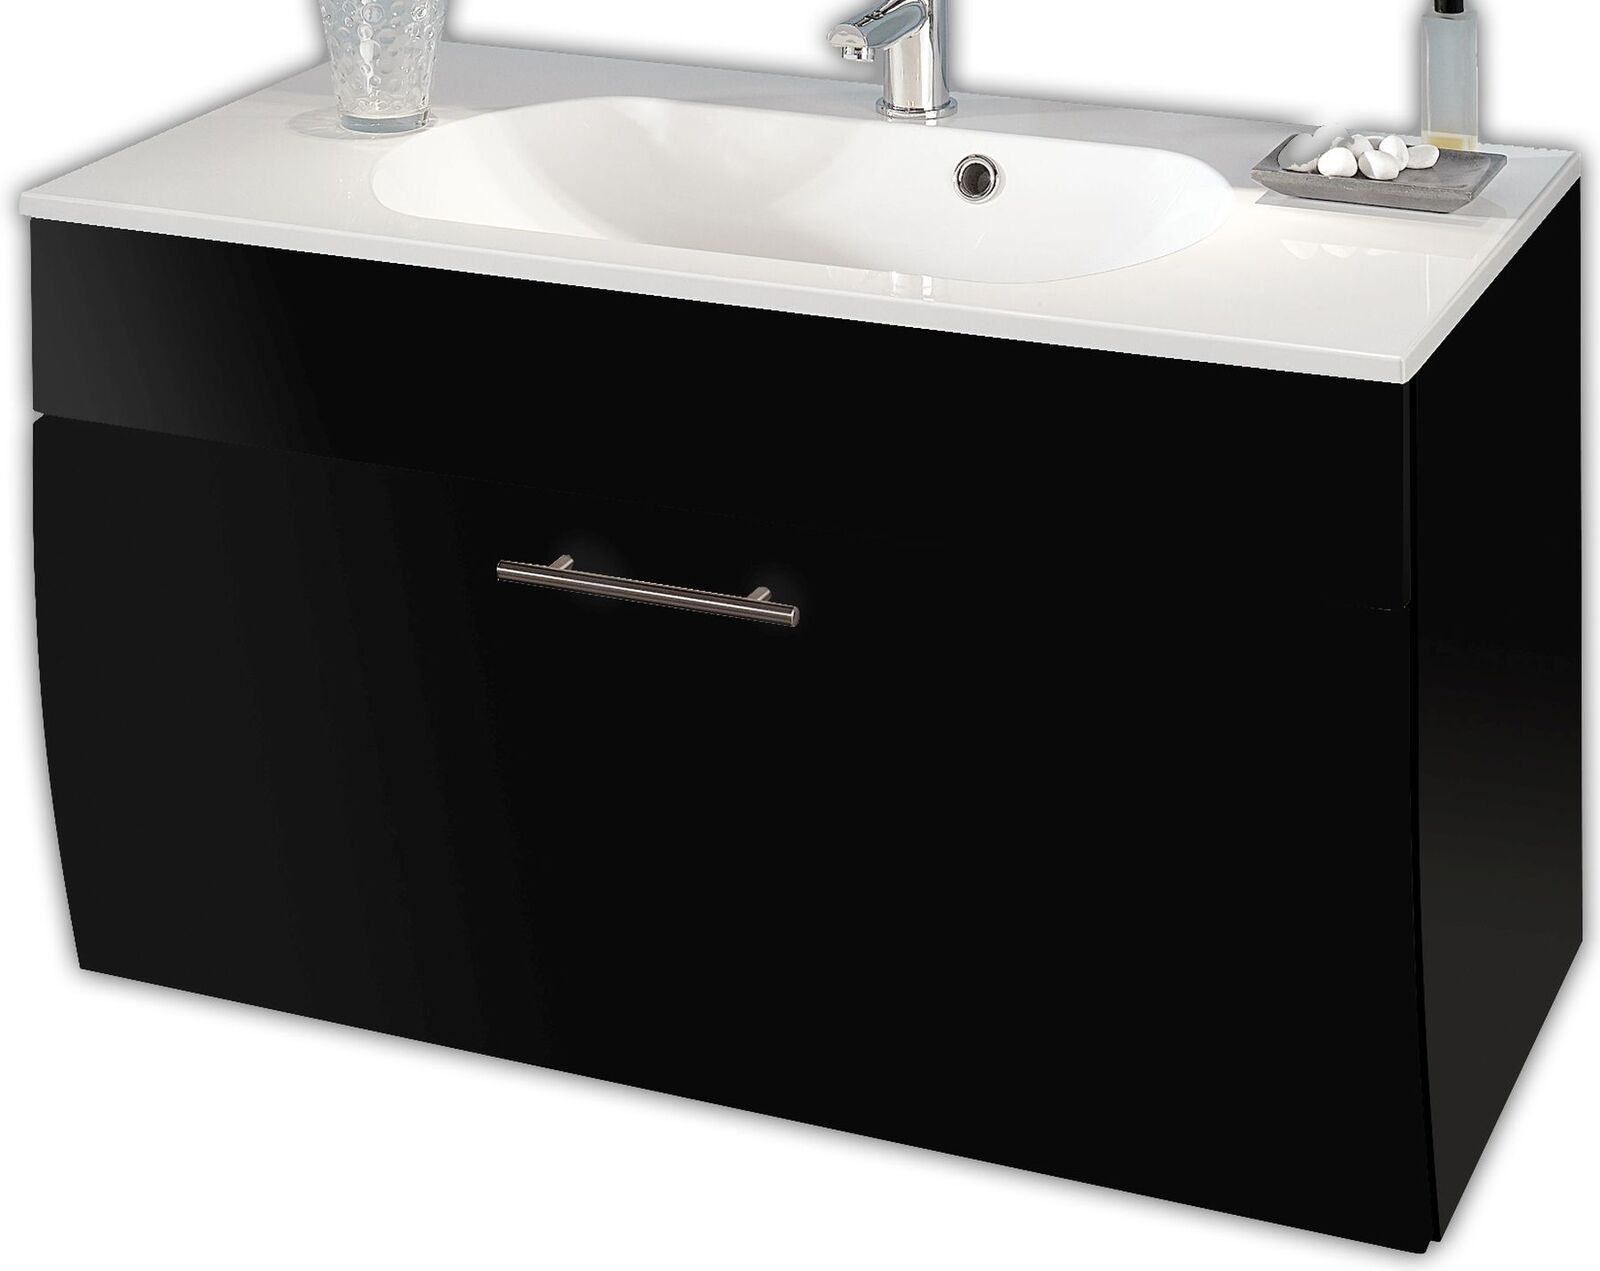 waschplatz set 90 cm waschtisch g ste bad wc badm bel waschbecken 5603 84 kaufen bei. Black Bedroom Furniture Sets. Home Design Ideas